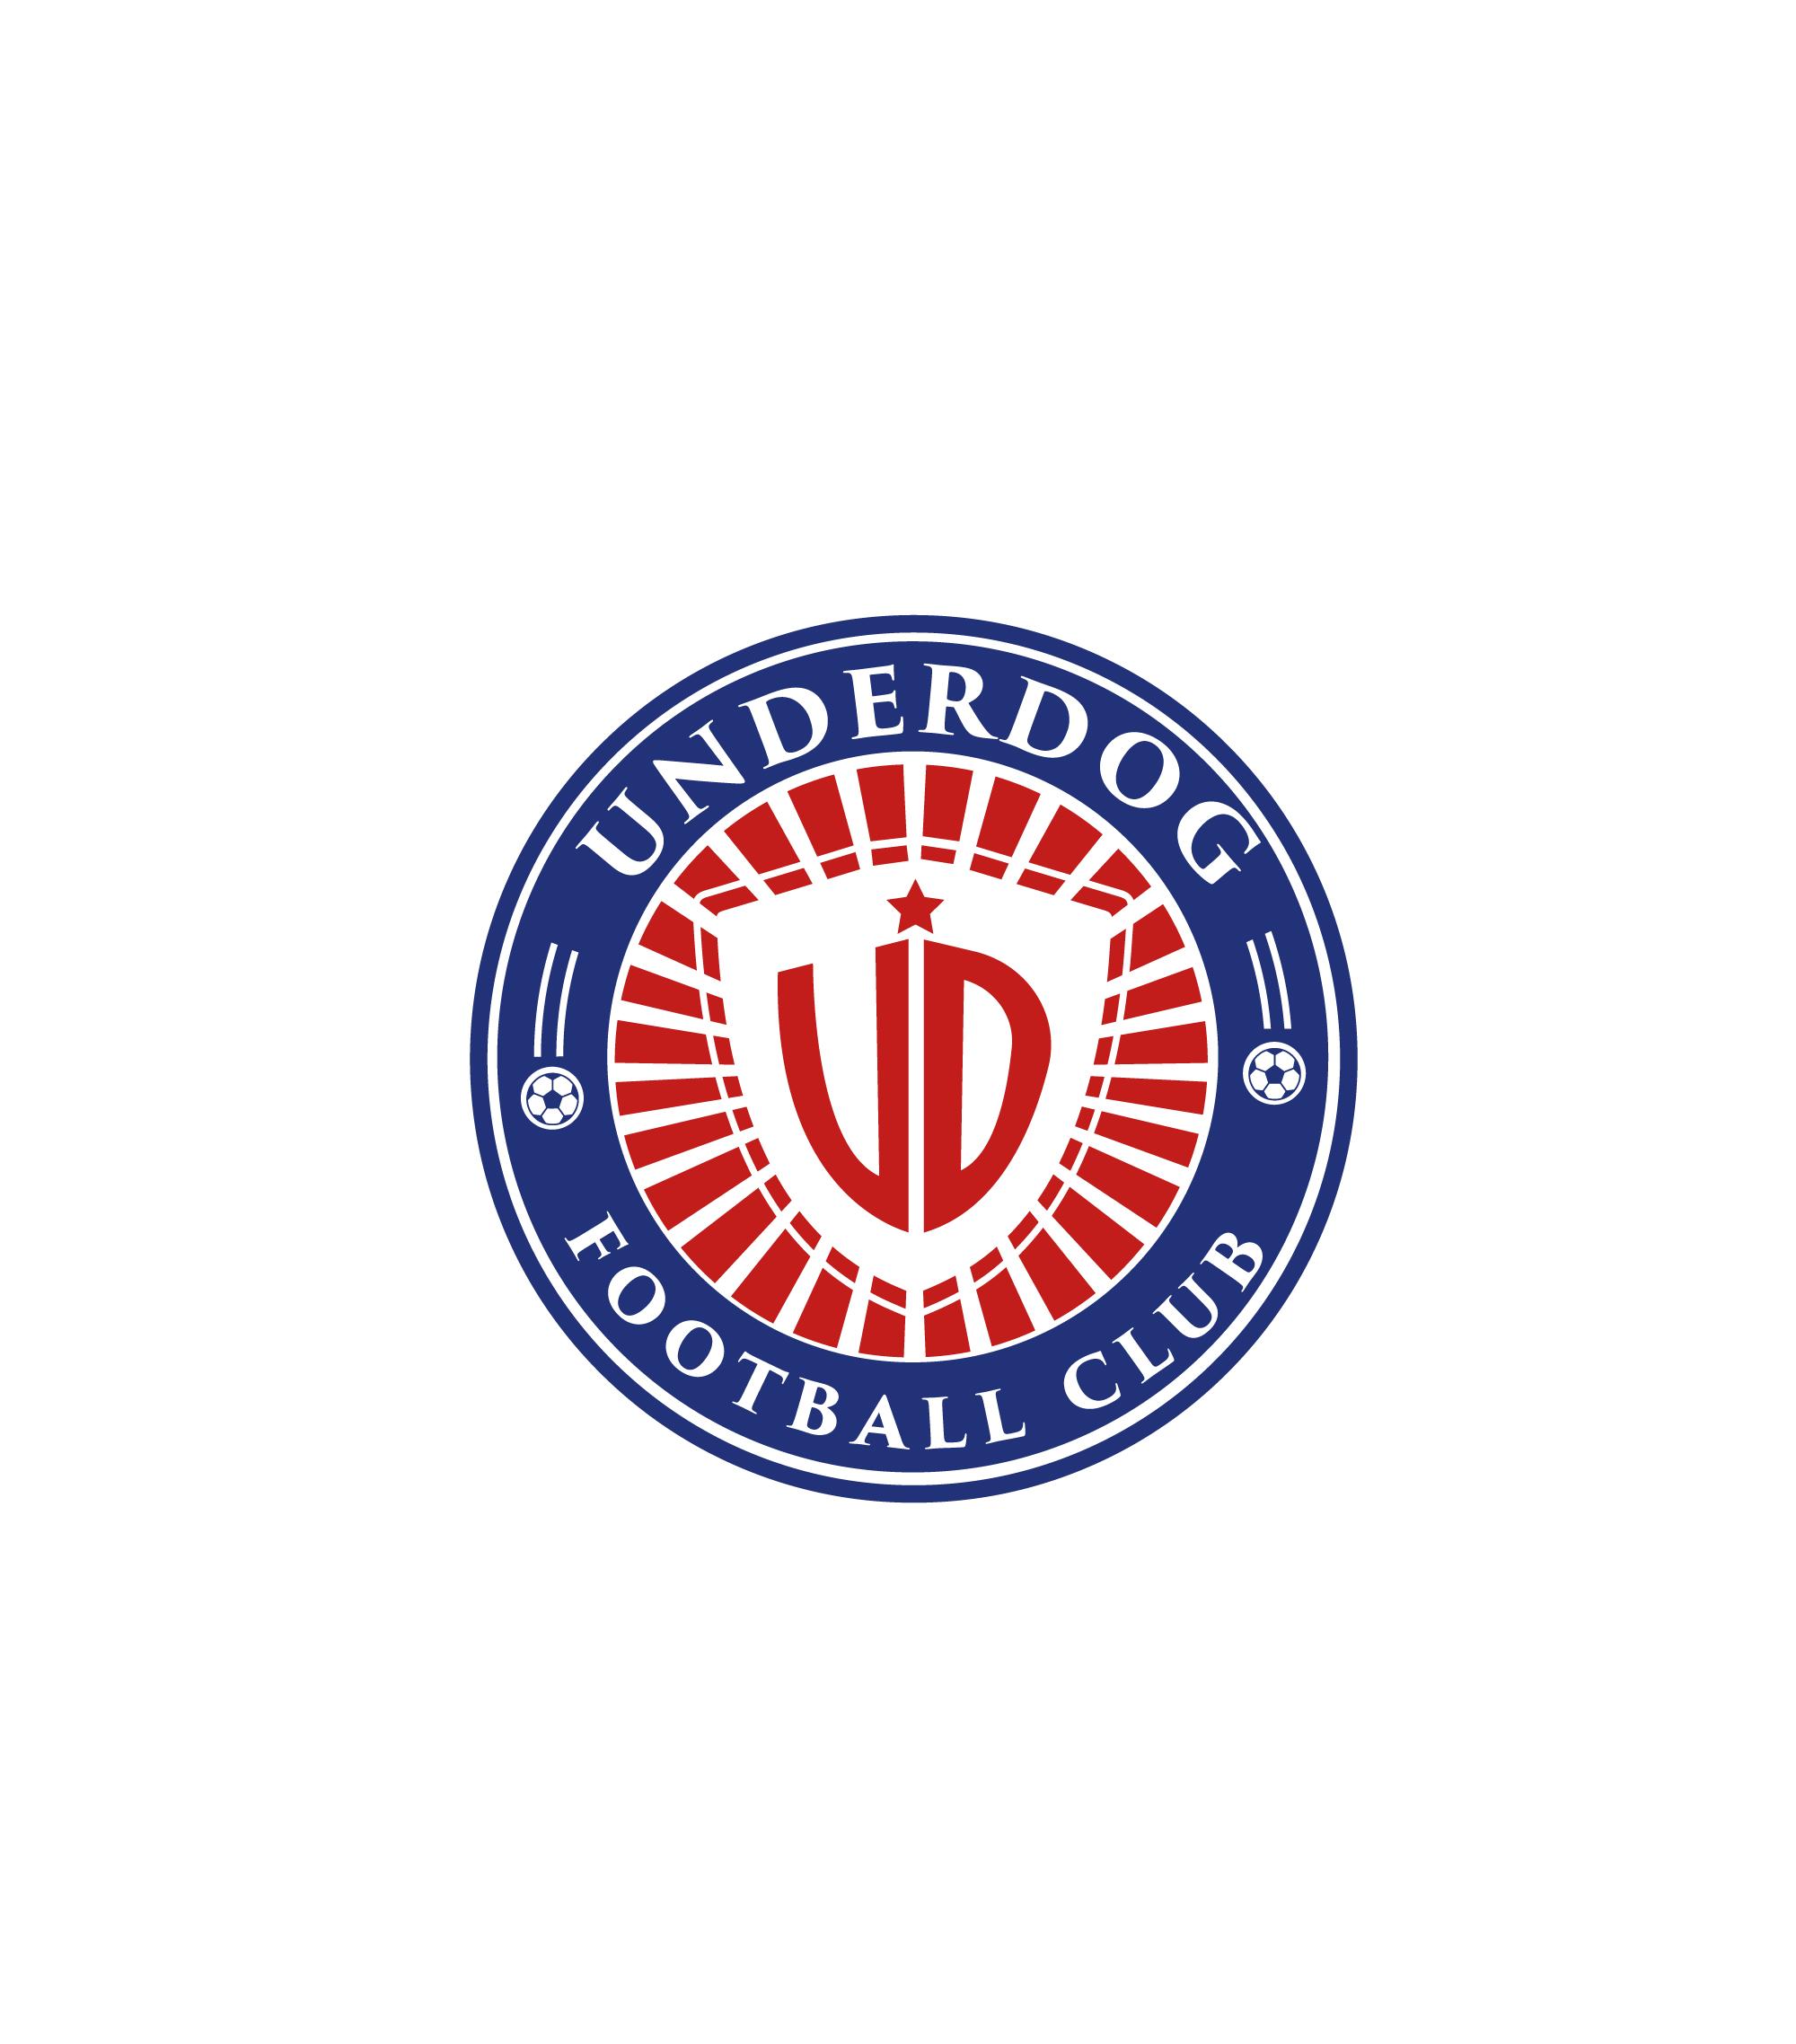 Футбольный клуб UNDERDOG - разработать фирстиль и бренд-бук фото f_9825cb4c523d9048.jpg